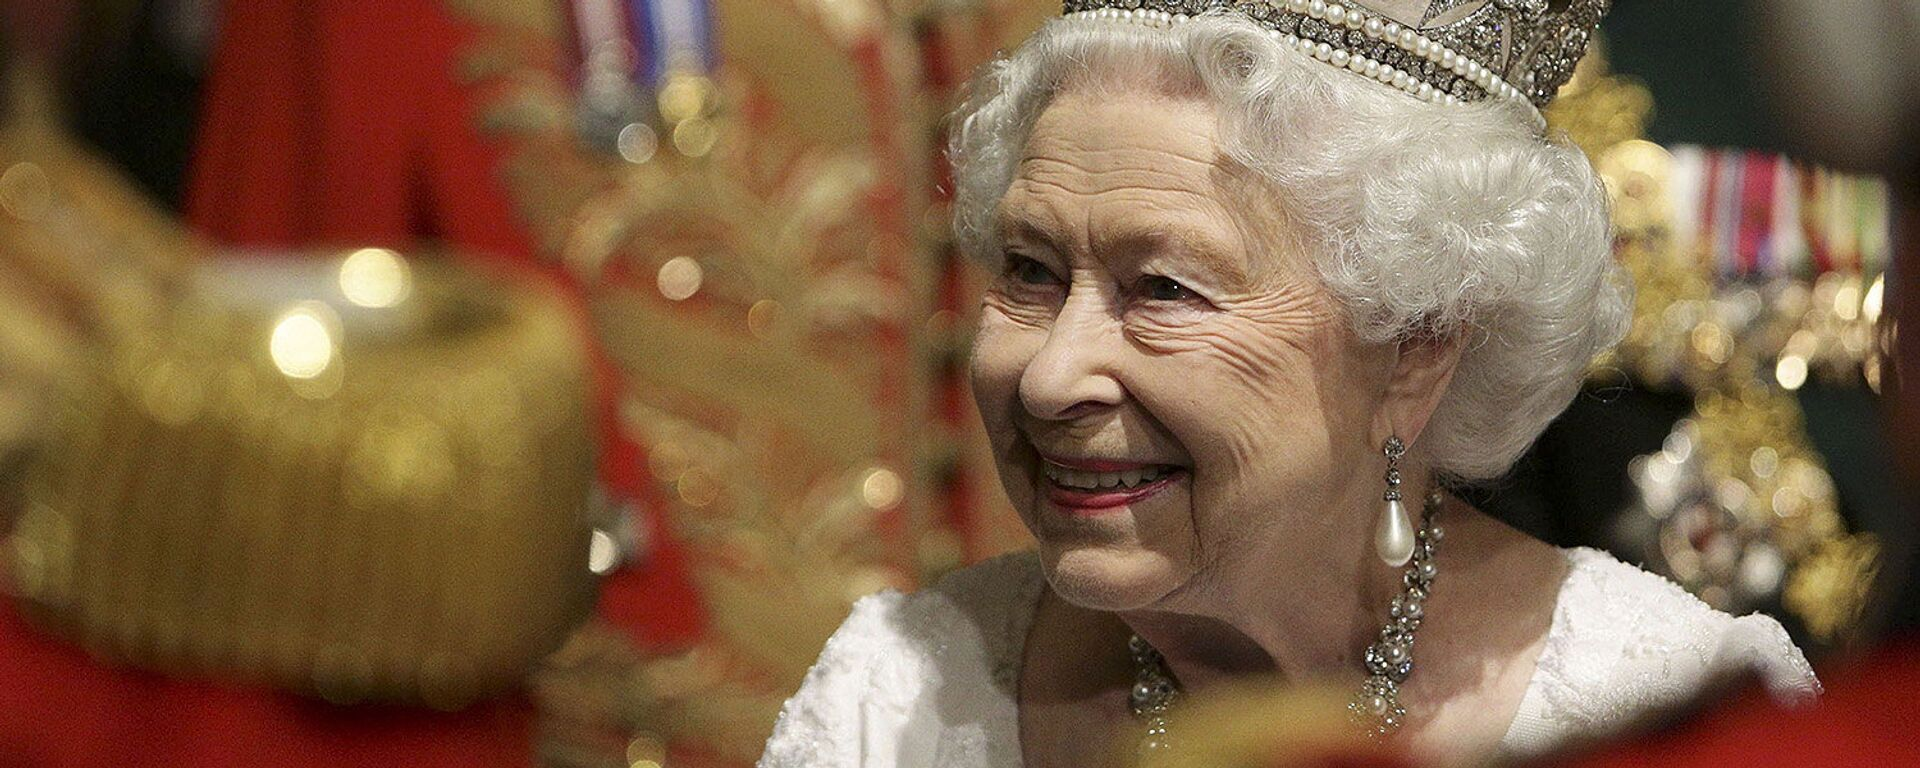 დედოფალი ელიზავეტა II - Sputnik საქართველო, 1920, 05.01.2017